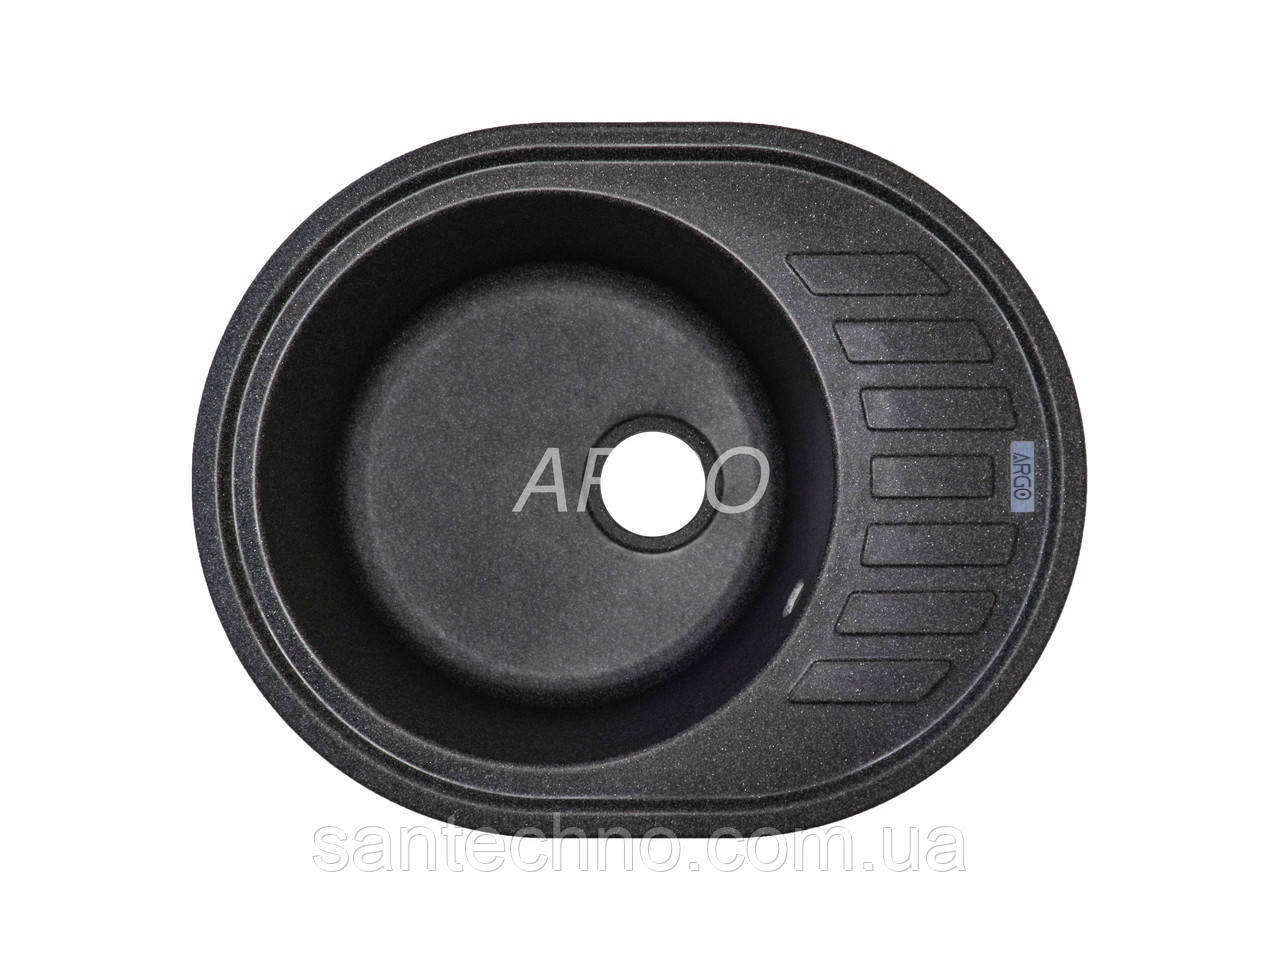 Гранитная мойка для кухни Argo Ovale Antracit 620*500*200